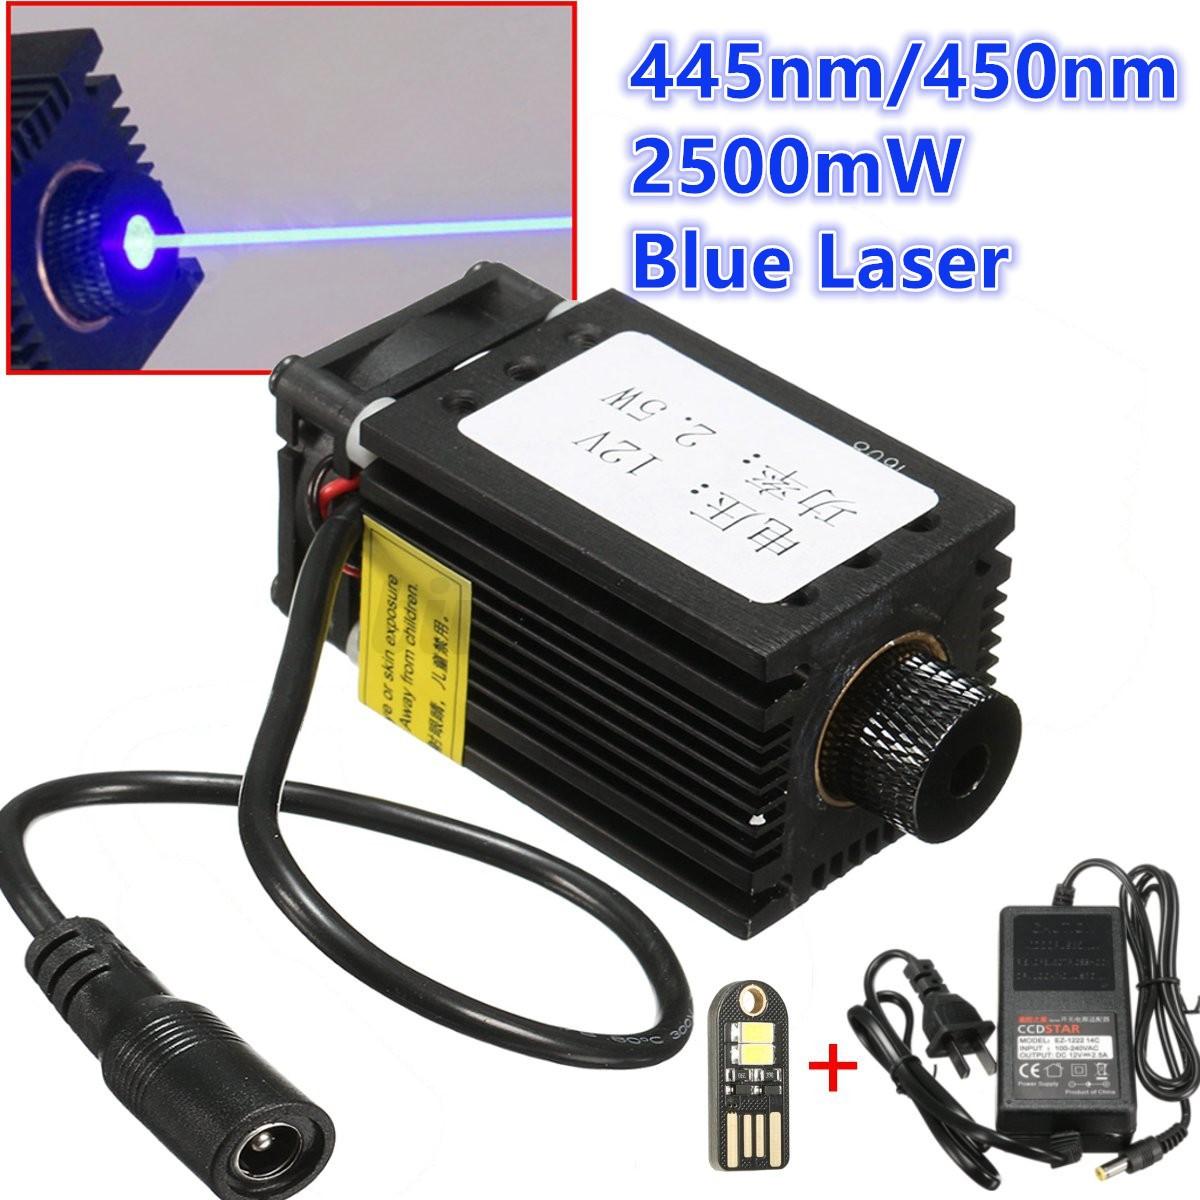 2500mw 2 5w 445nm blue laser module for diy cnc laser cutter engraving machine ebay. Black Bedroom Furniture Sets. Home Design Ideas